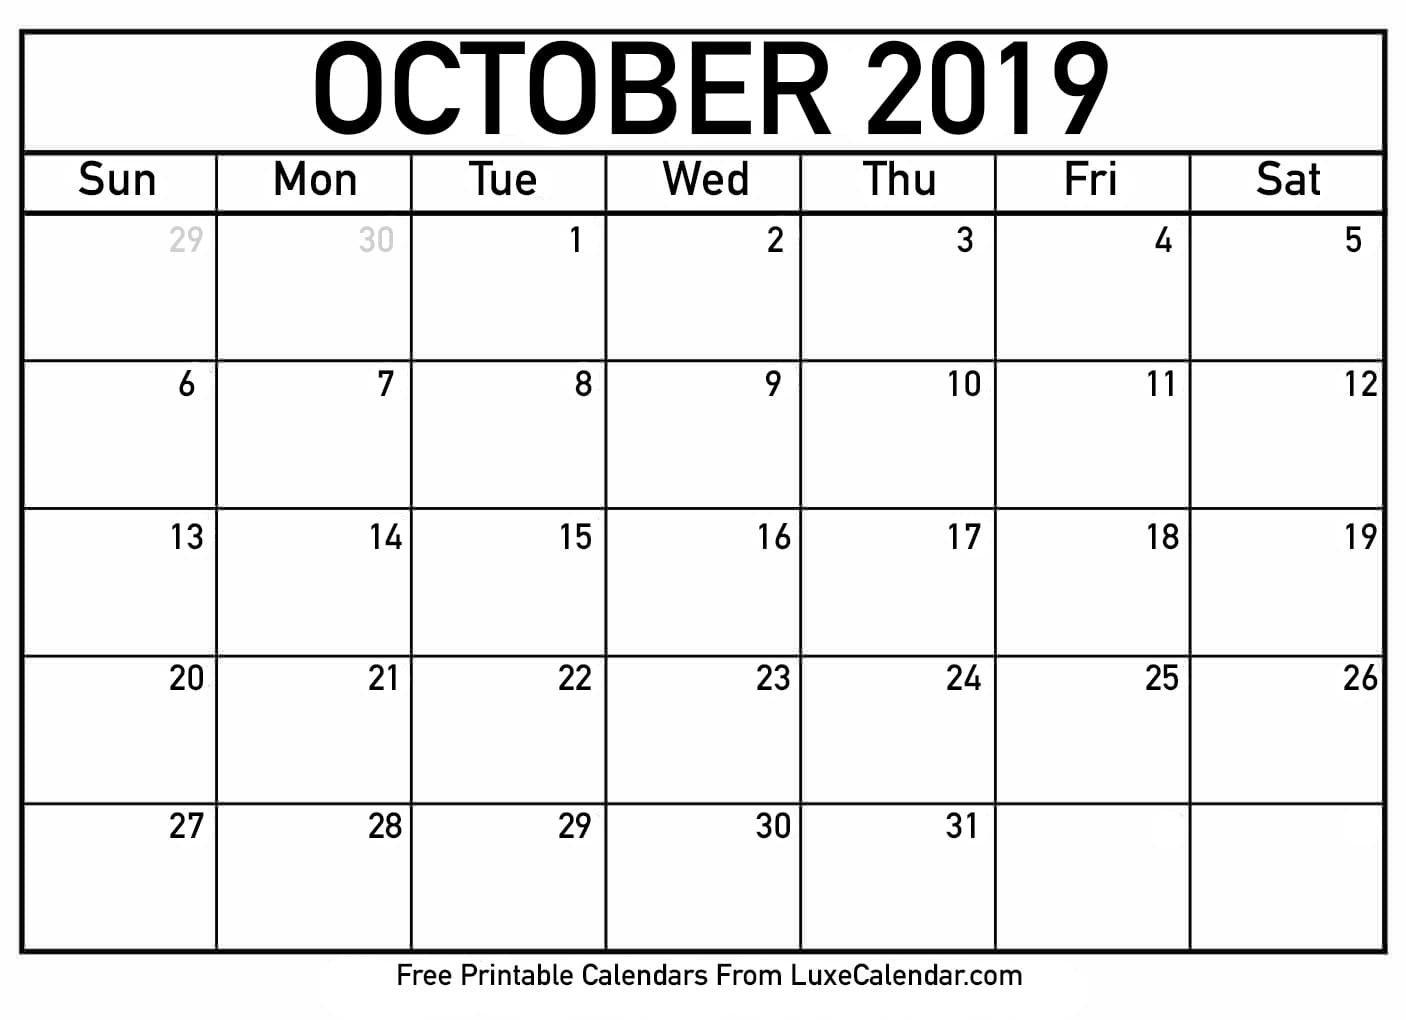 Blank October 2019 Printable Calendar - Luxe Calendar Calendar 2019 October